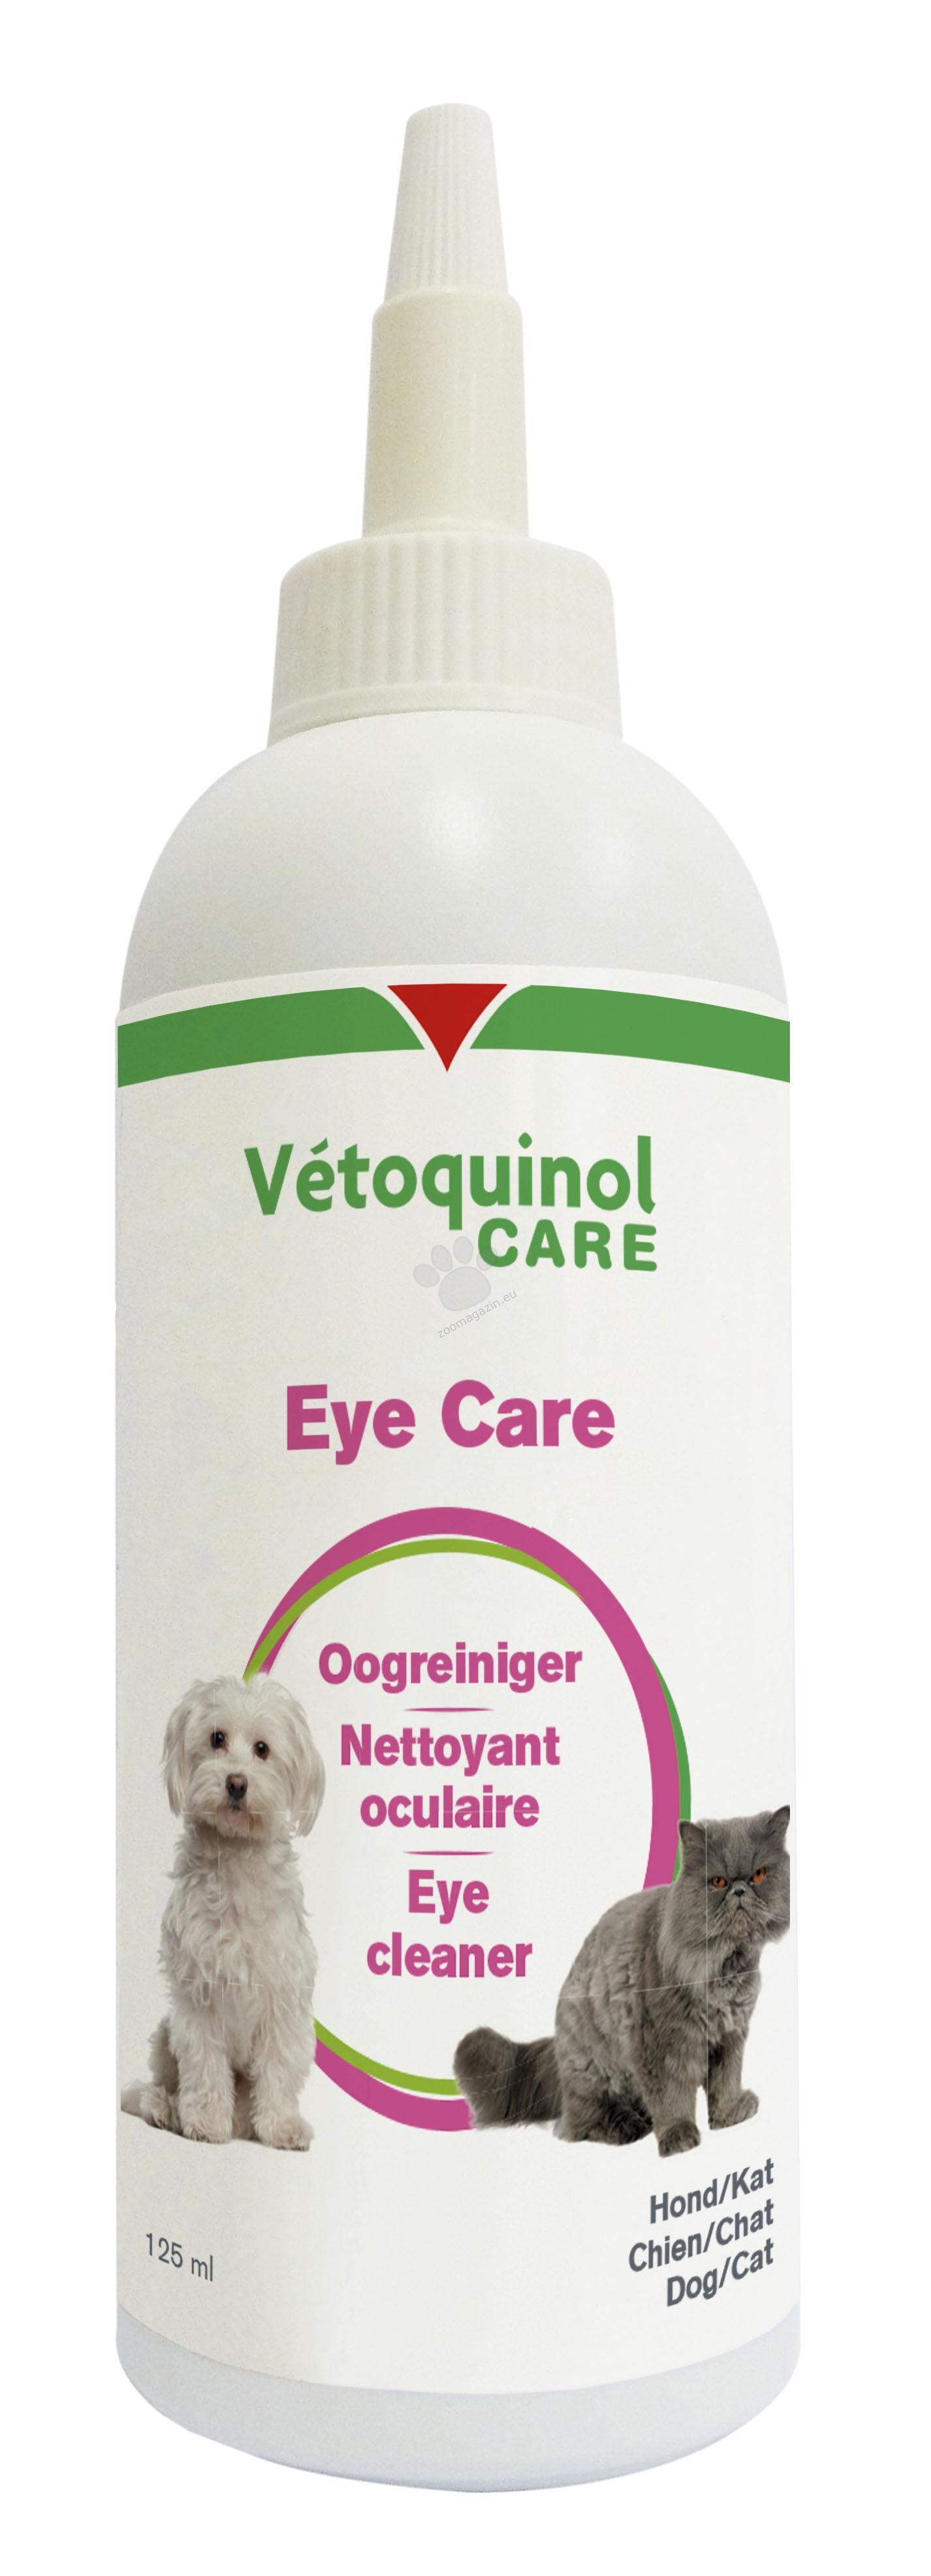 Vetoquinol - Eye Care - разтвор за почистване, подсушаване и успокояване на околоочната кожа при всички видове 125 мл.